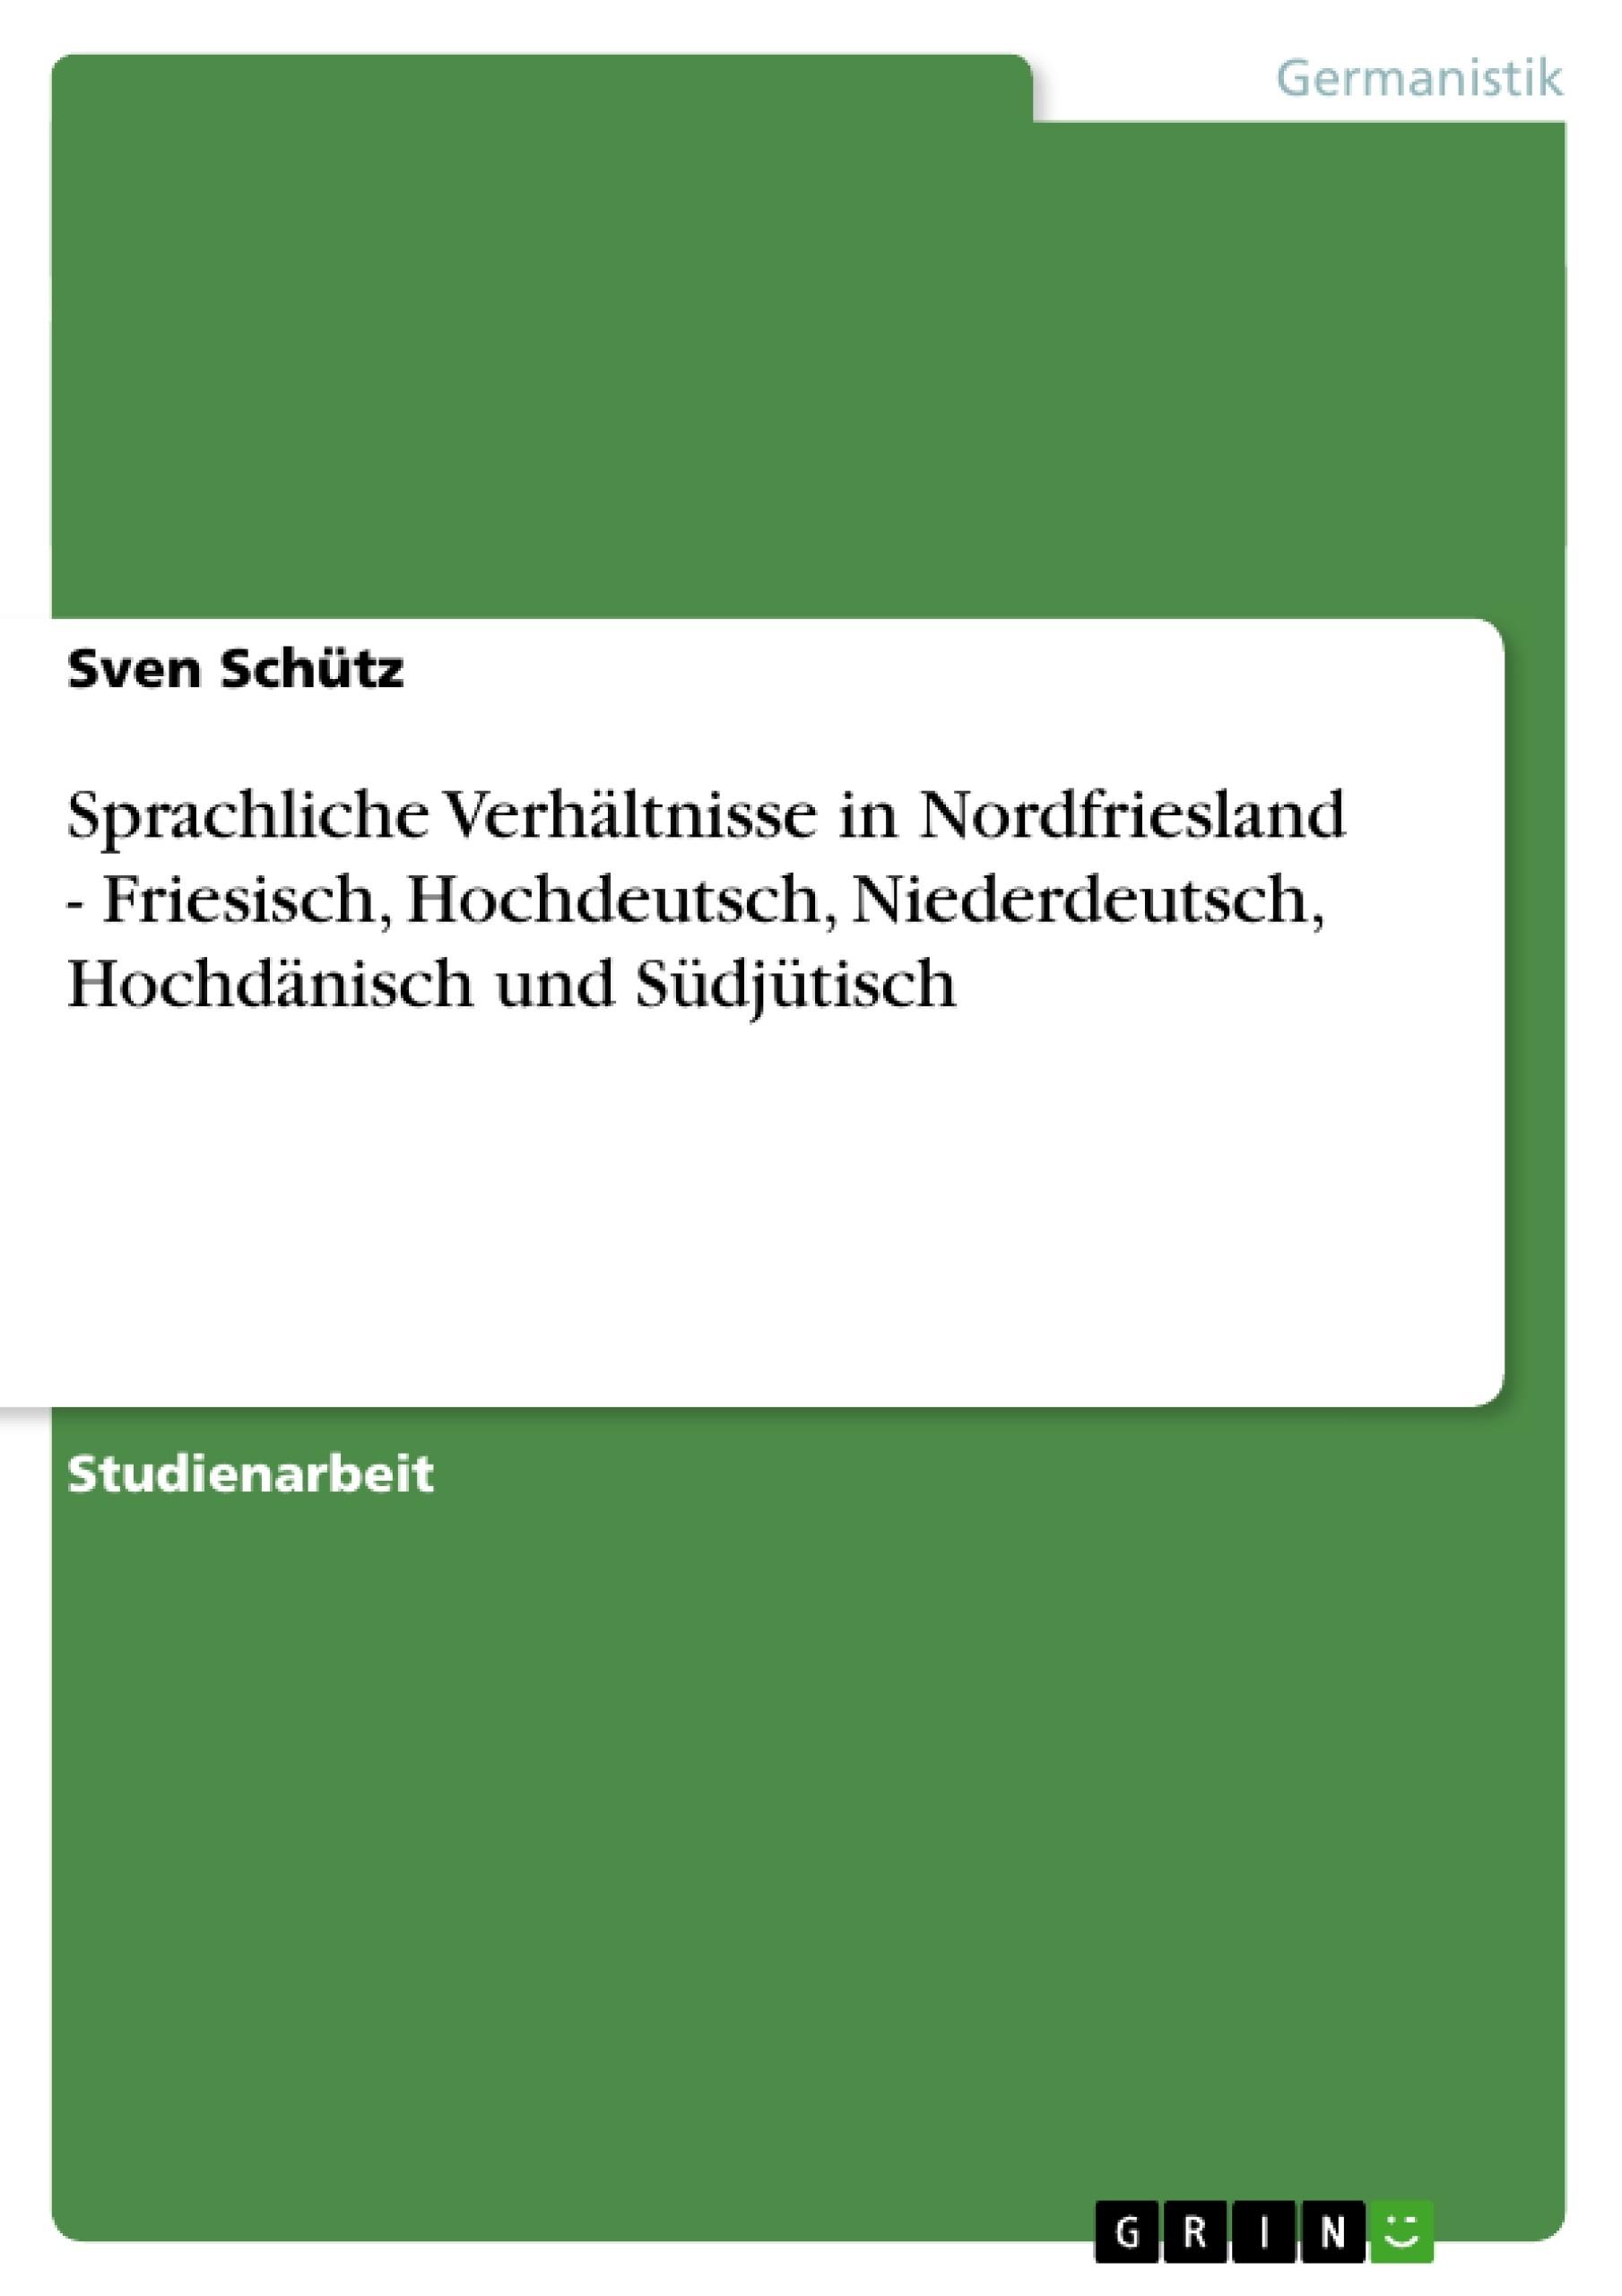 Titel: Sprachliche Verhältnisse in Nordfriesland - Friesisch, Hochdeutsch, Niederdeutsch, Hochdänisch und Südjütisch